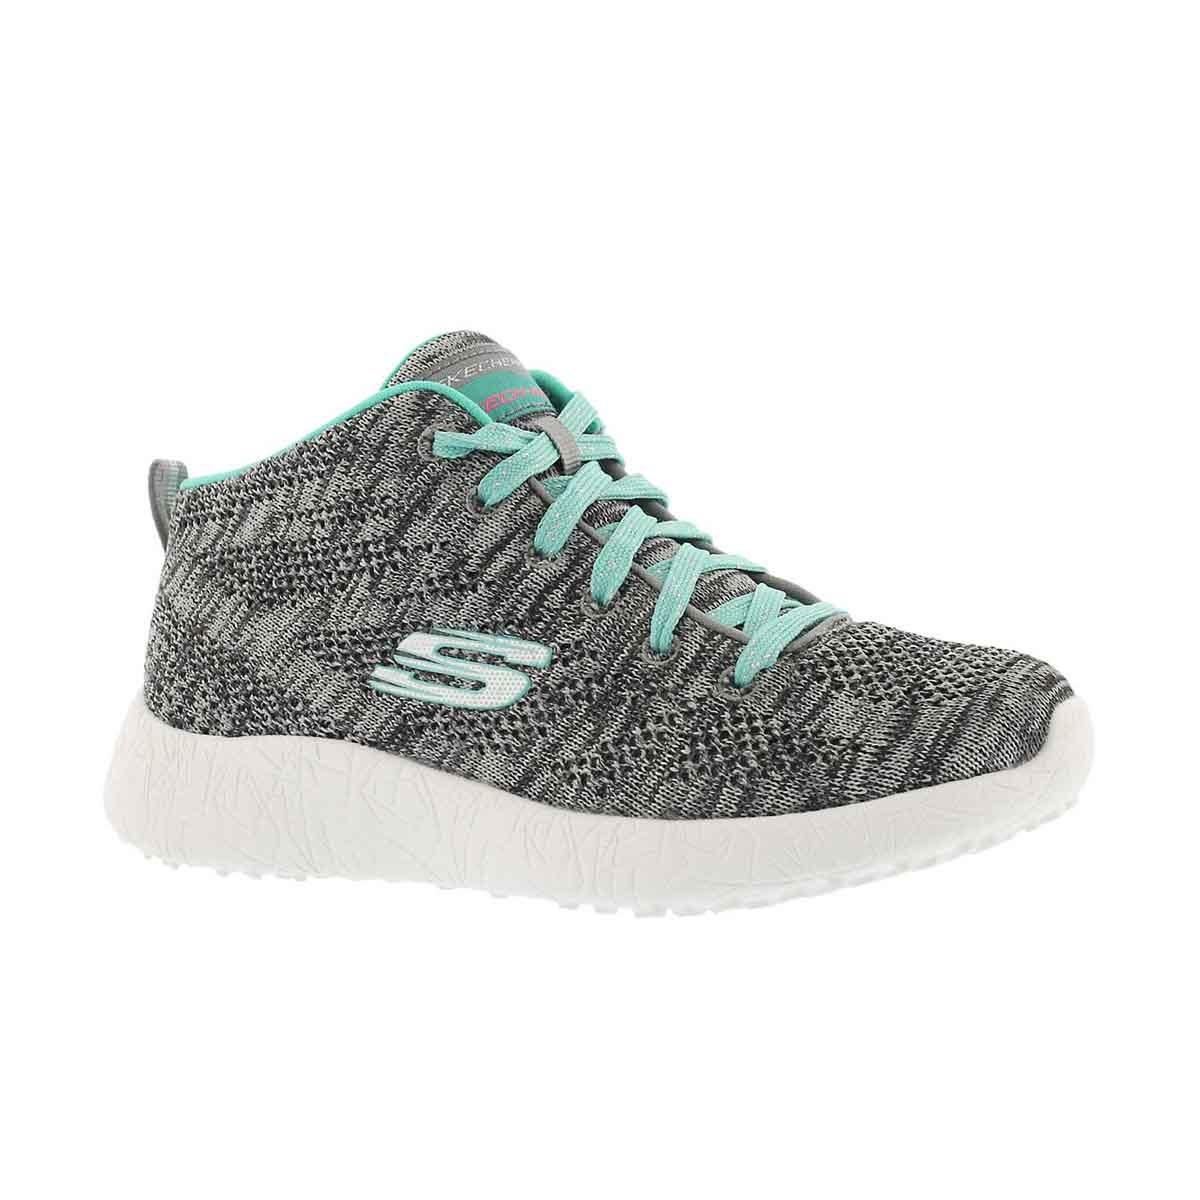 Girls' BURST DIVERGENT grey/aqua hi top sneakers